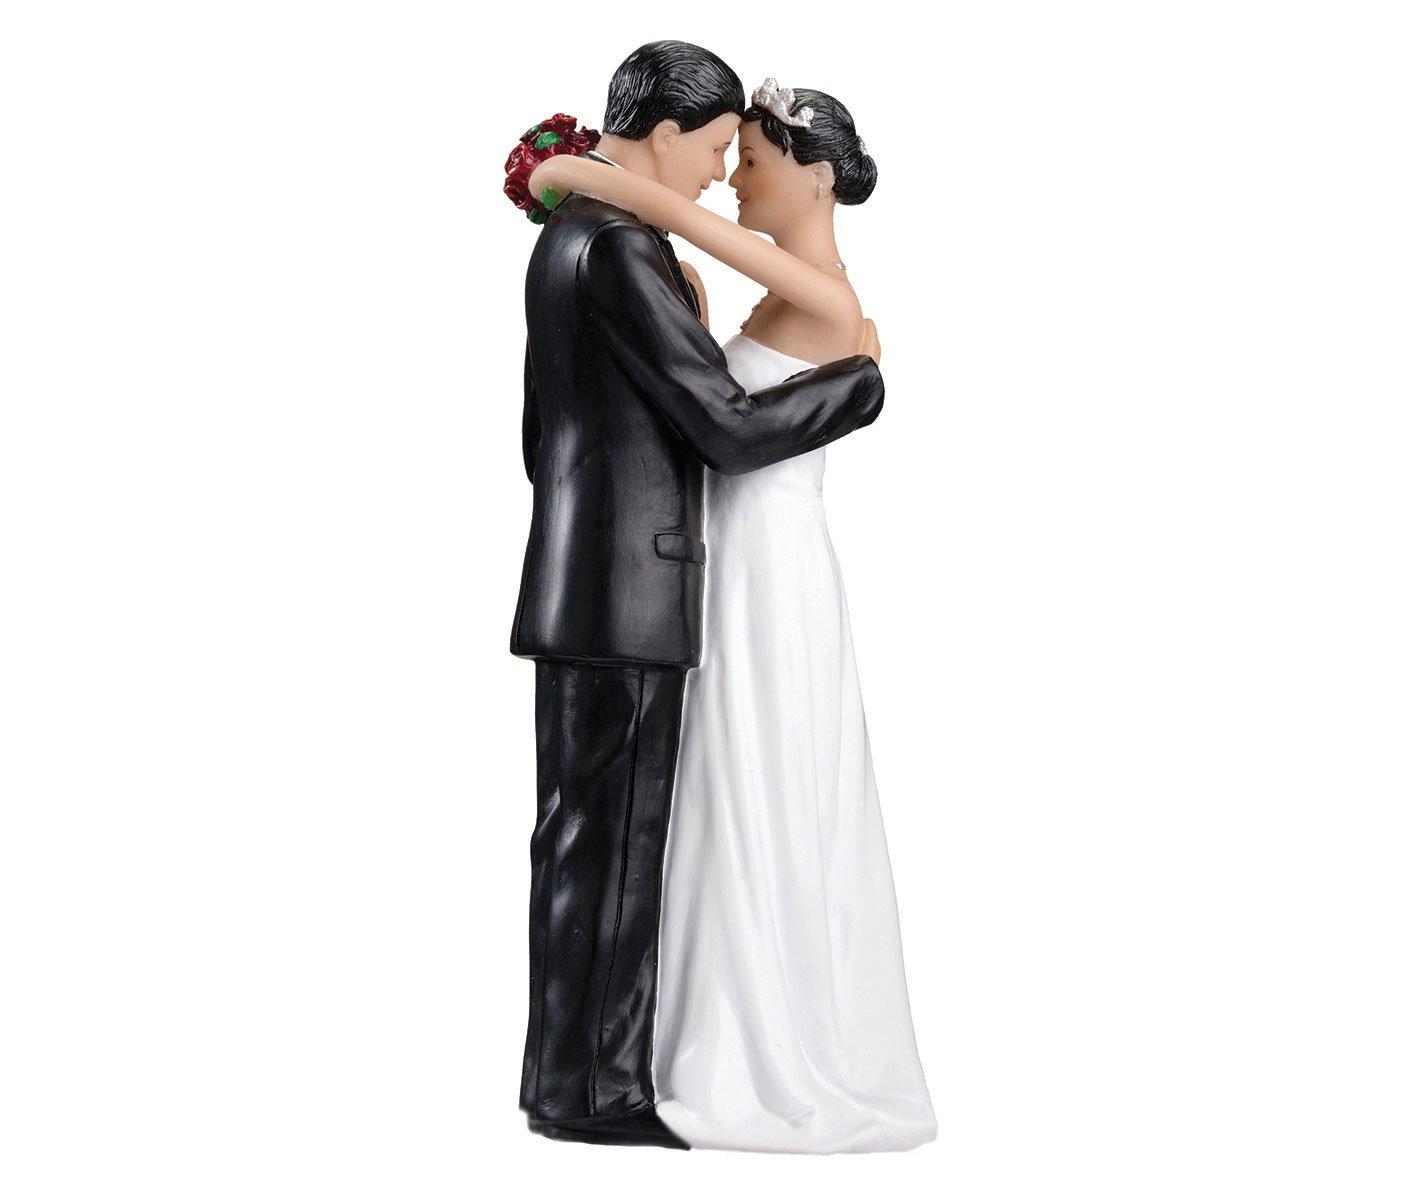 Lillian Rose 6.5'' Hispanic Tender Moment Figurine